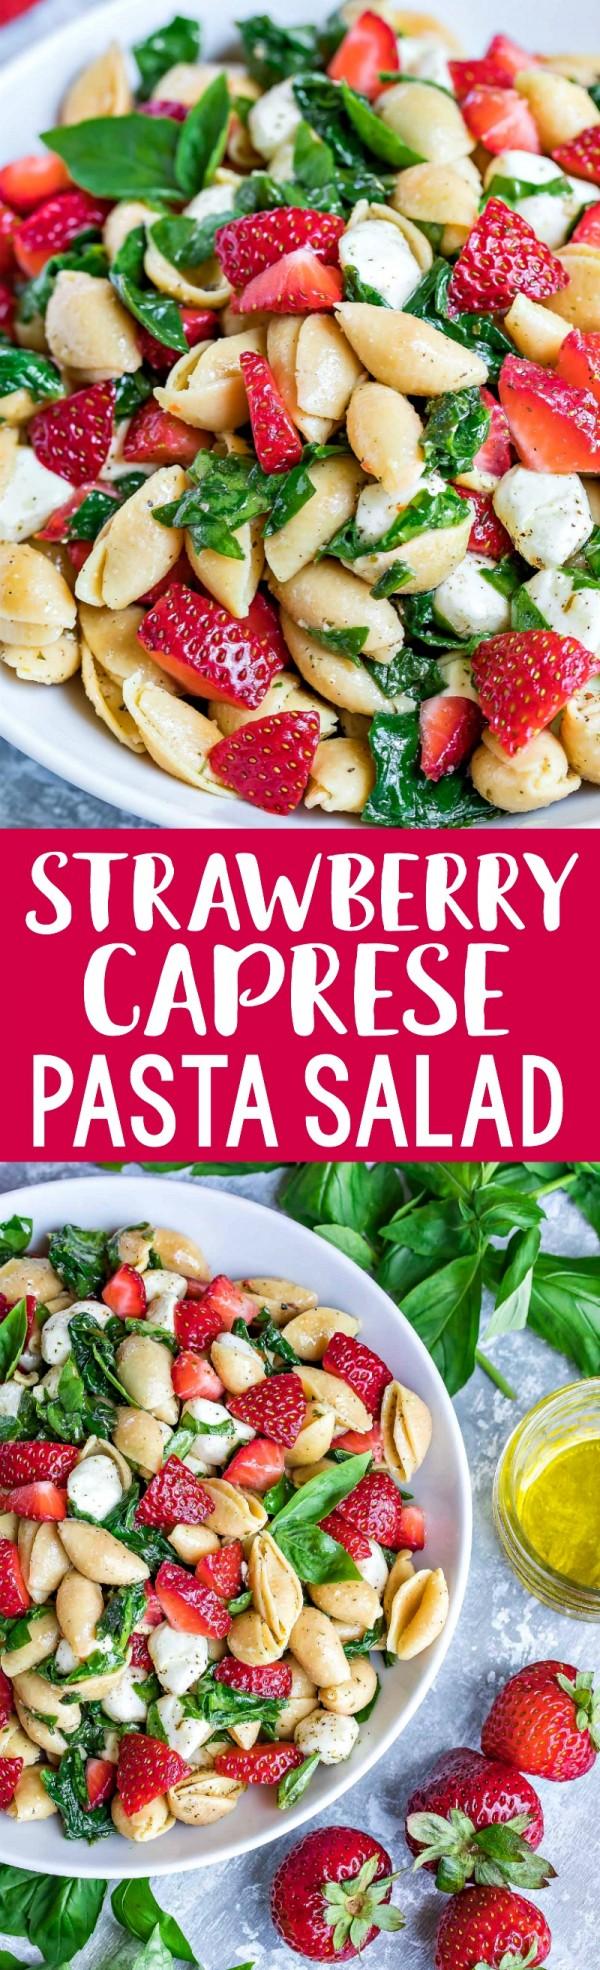 Get the recipe Strawberry Caprese Pasta Salad @recipes_to_go